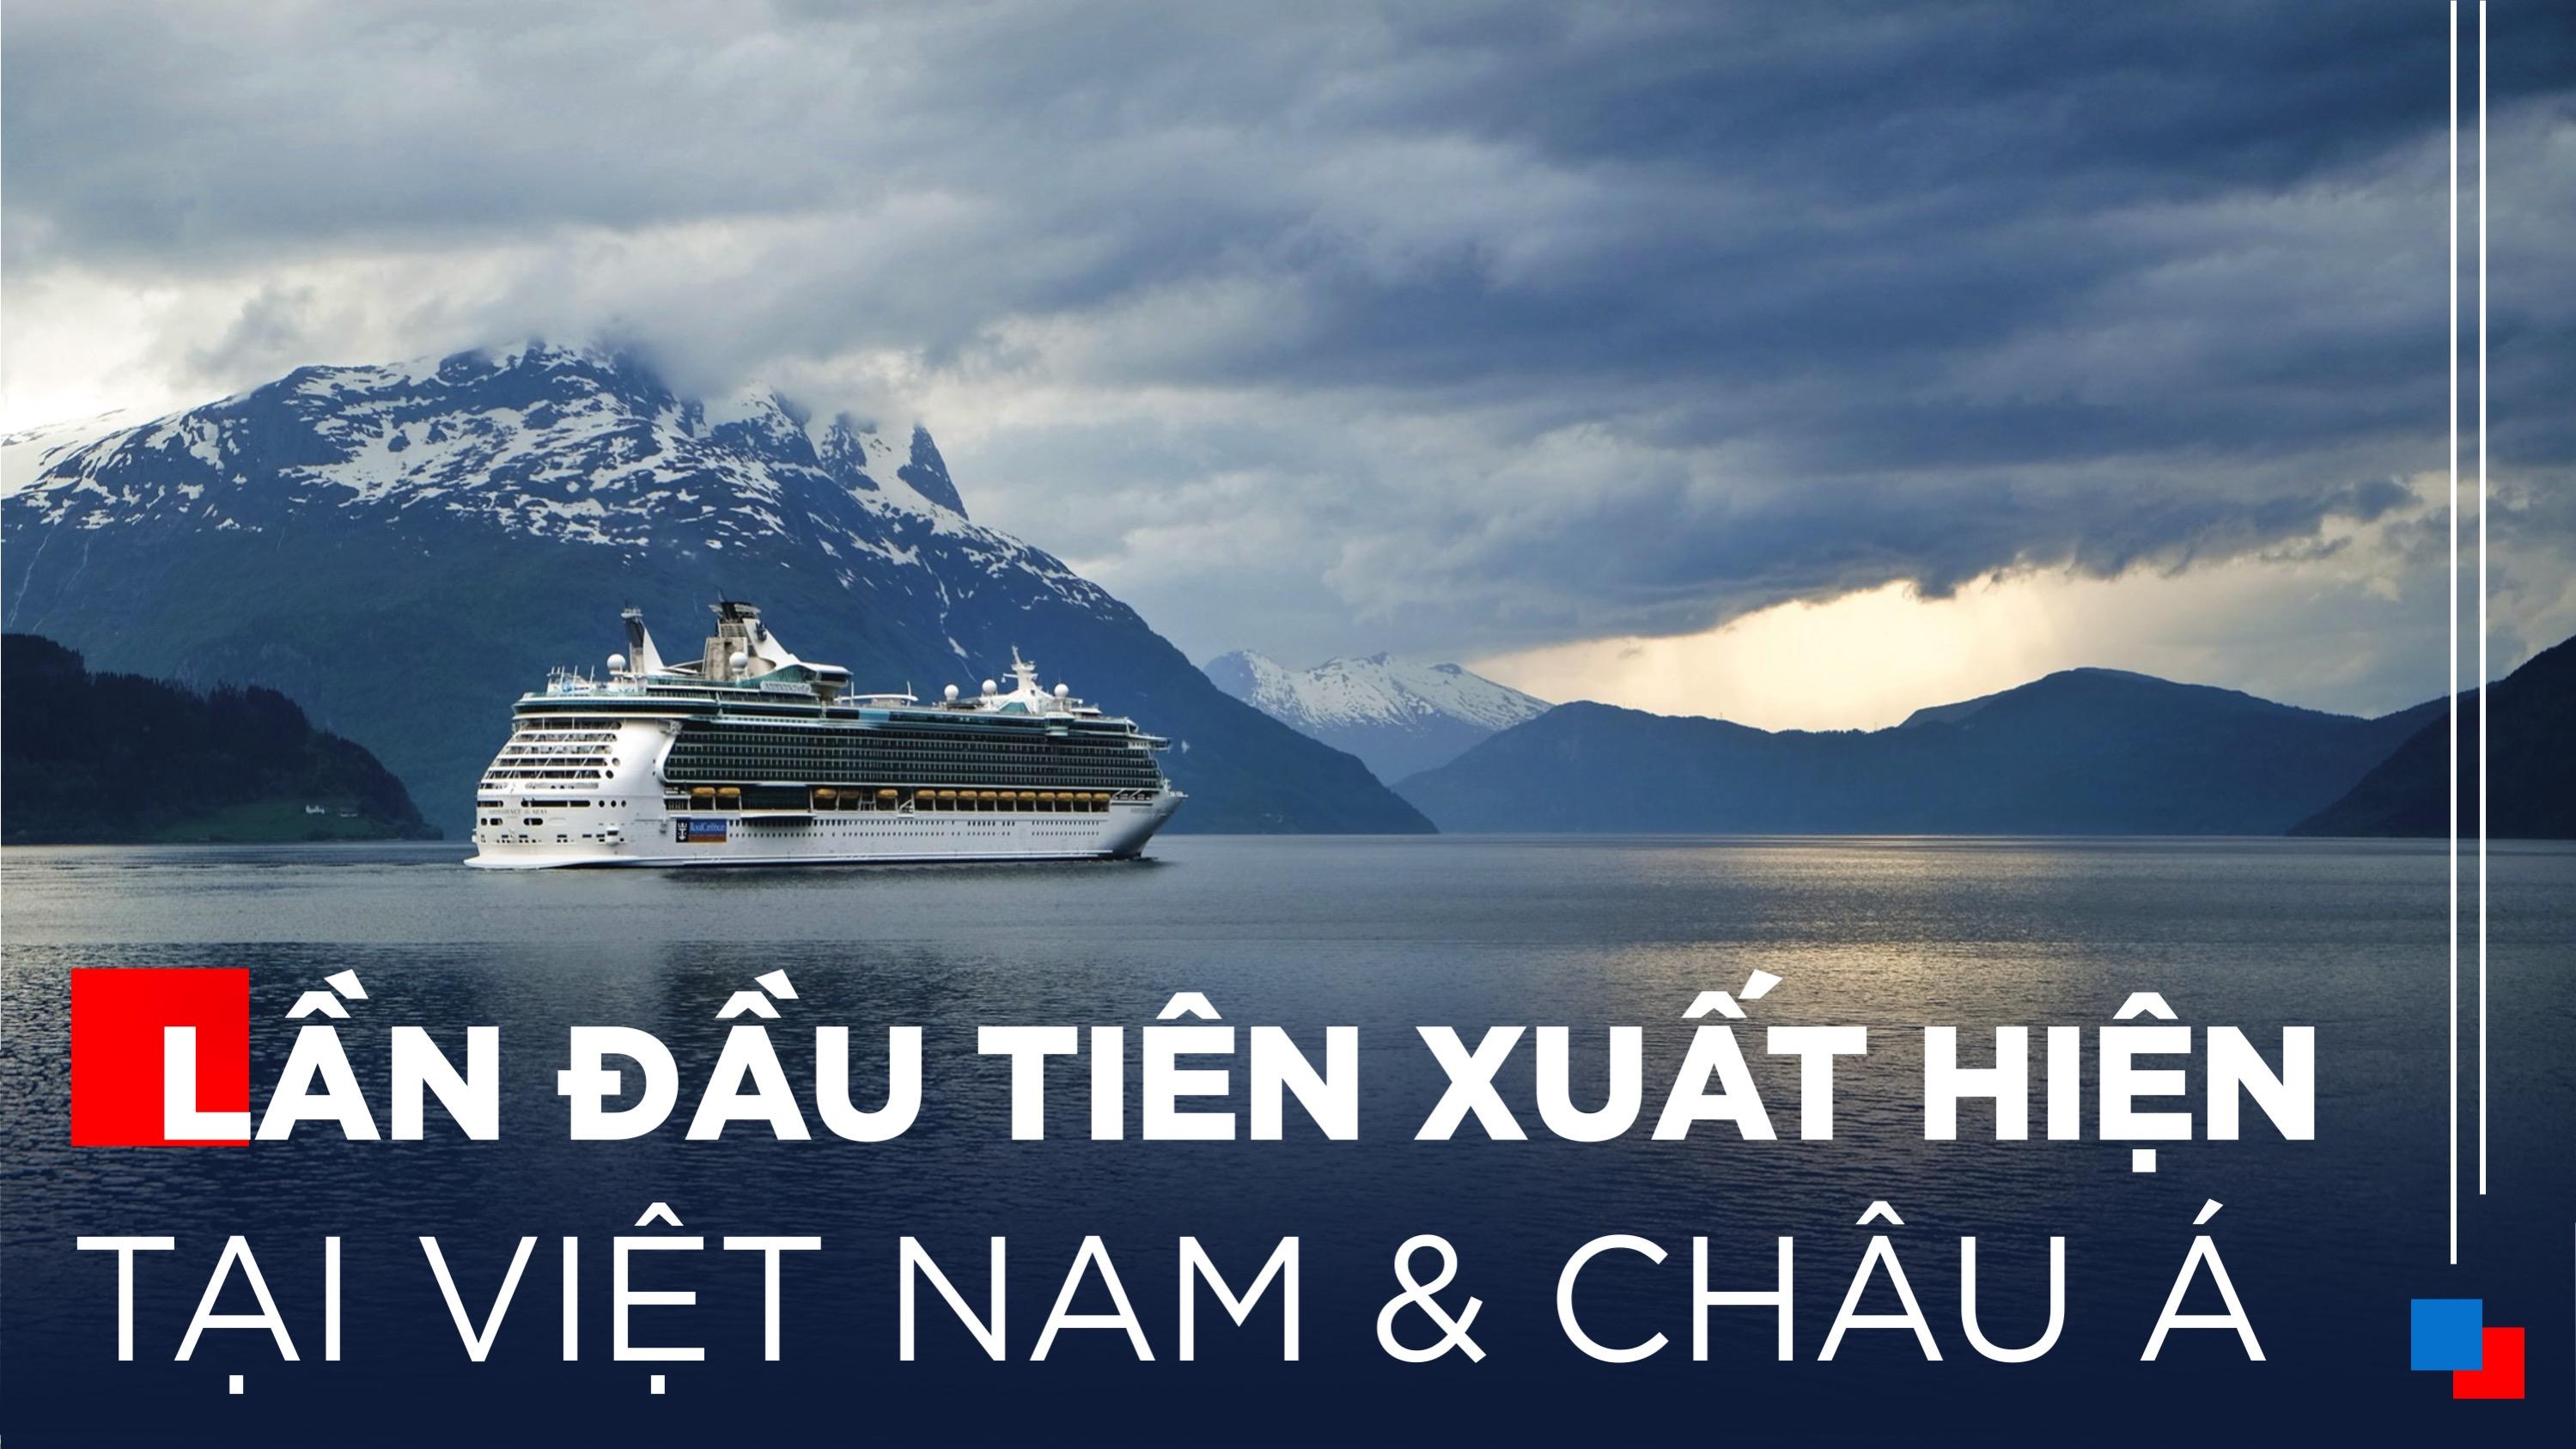 Gỗ An Cường | Dòng Sản Phẩm Cho Ngành Tàu Biển Lần Đầu Tiên Xuất Hiện Tại Việt Nam Và Châu Á